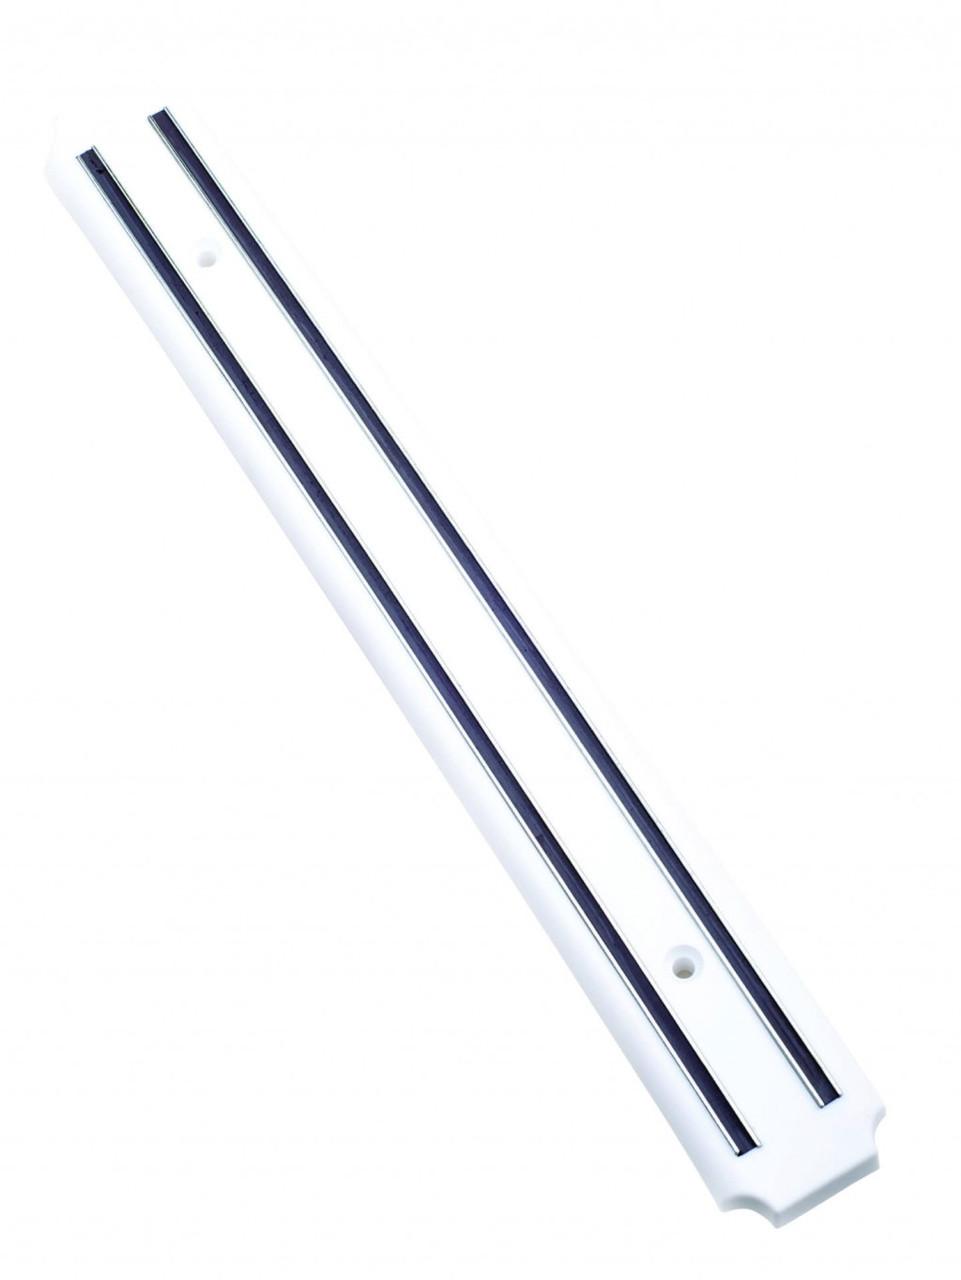 Магнитная планка Con Brio 48 см белая (CB-7105)